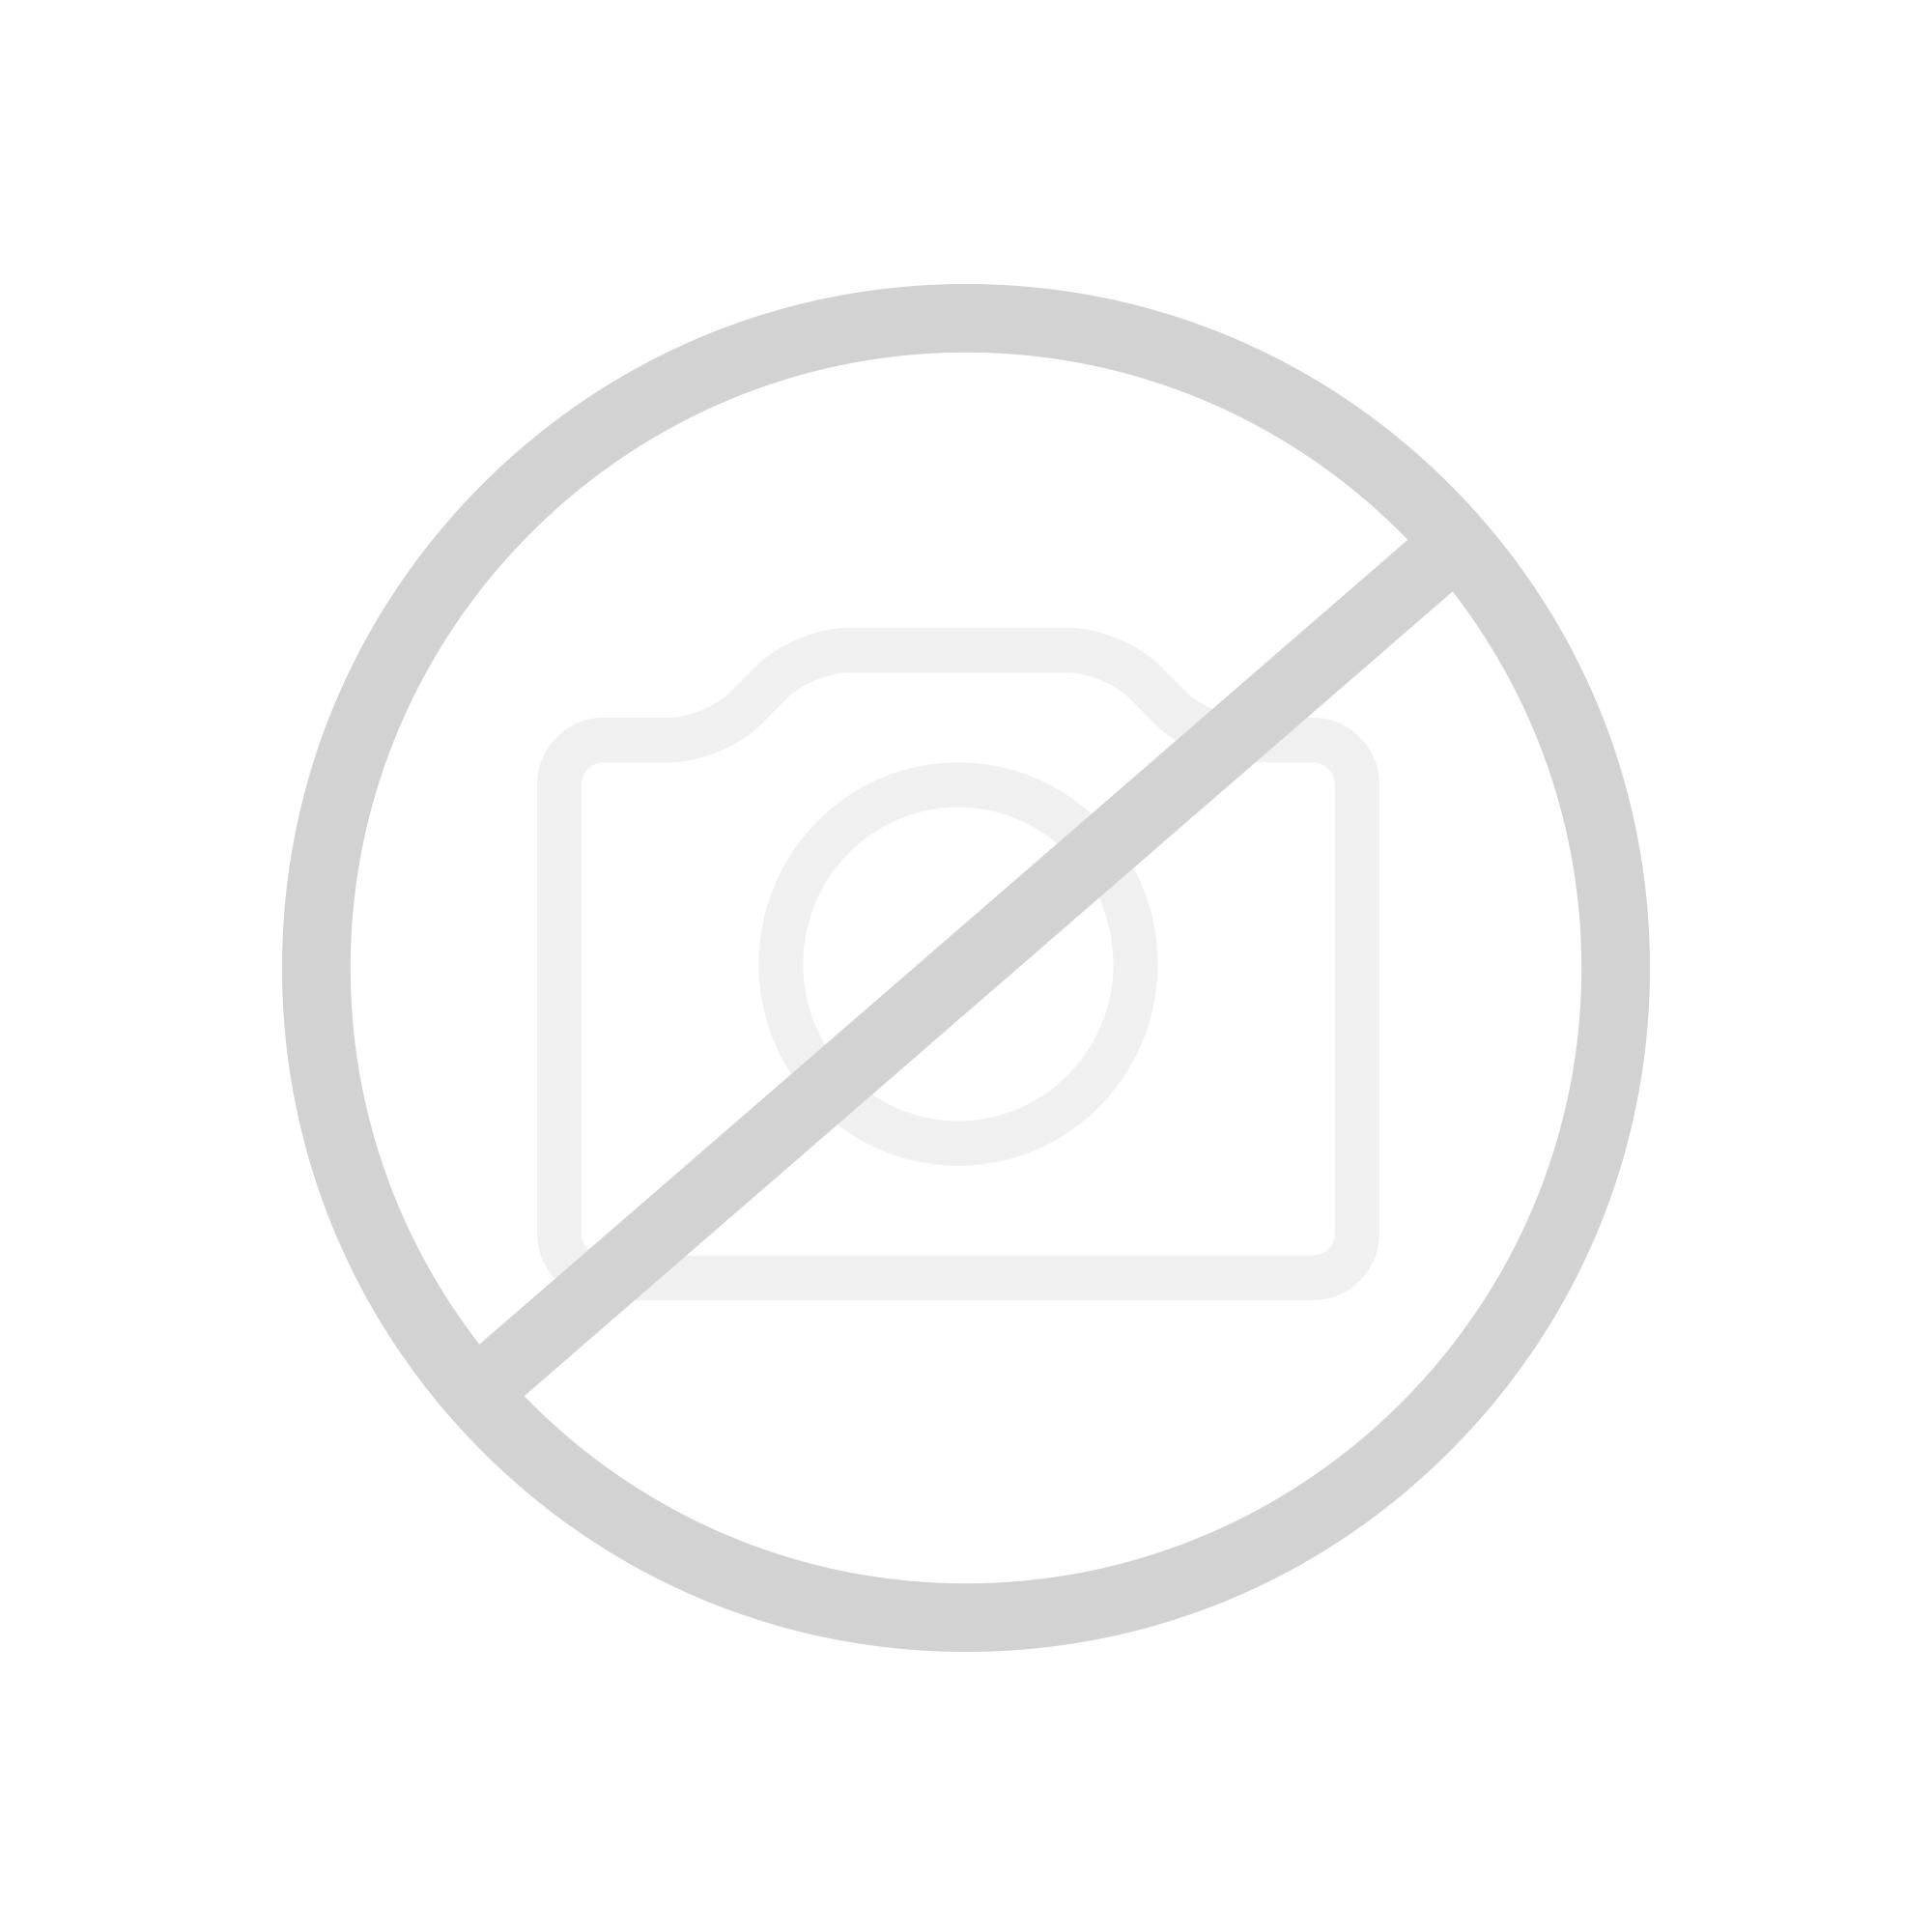 Kaldewei Dezent Opulenz Avantgarde Kollektion Badewannengriff Typ D